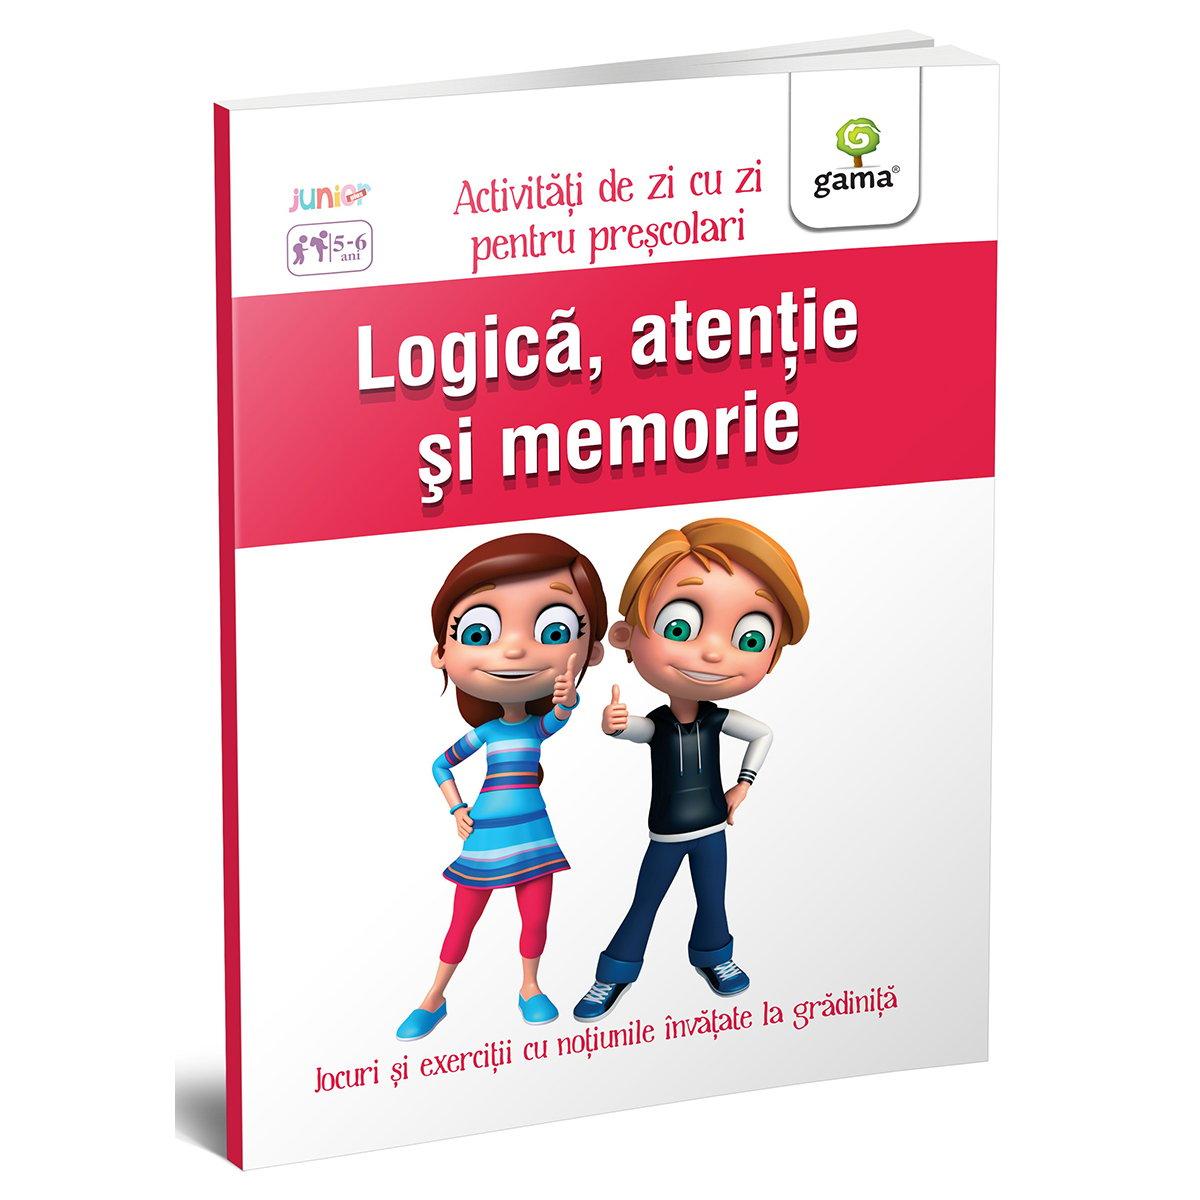 Carte Editura Gama, Logica, atentie si memorie 5-6 ani, Activitati de zi cu zi